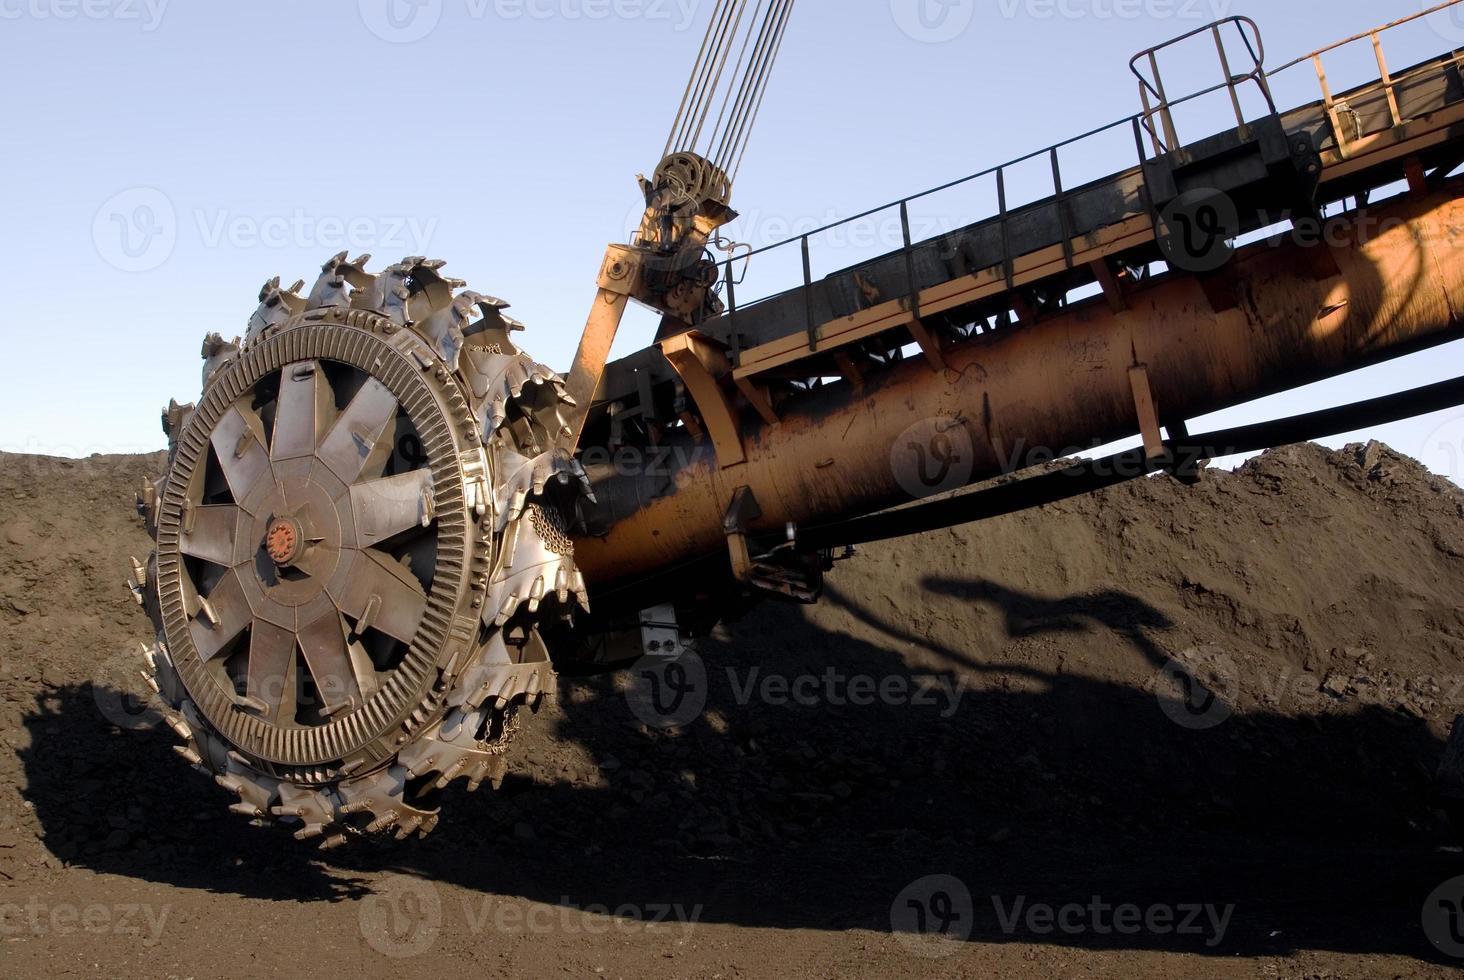 parte rotante di escavatore a rotore in una miniera di carbone foto